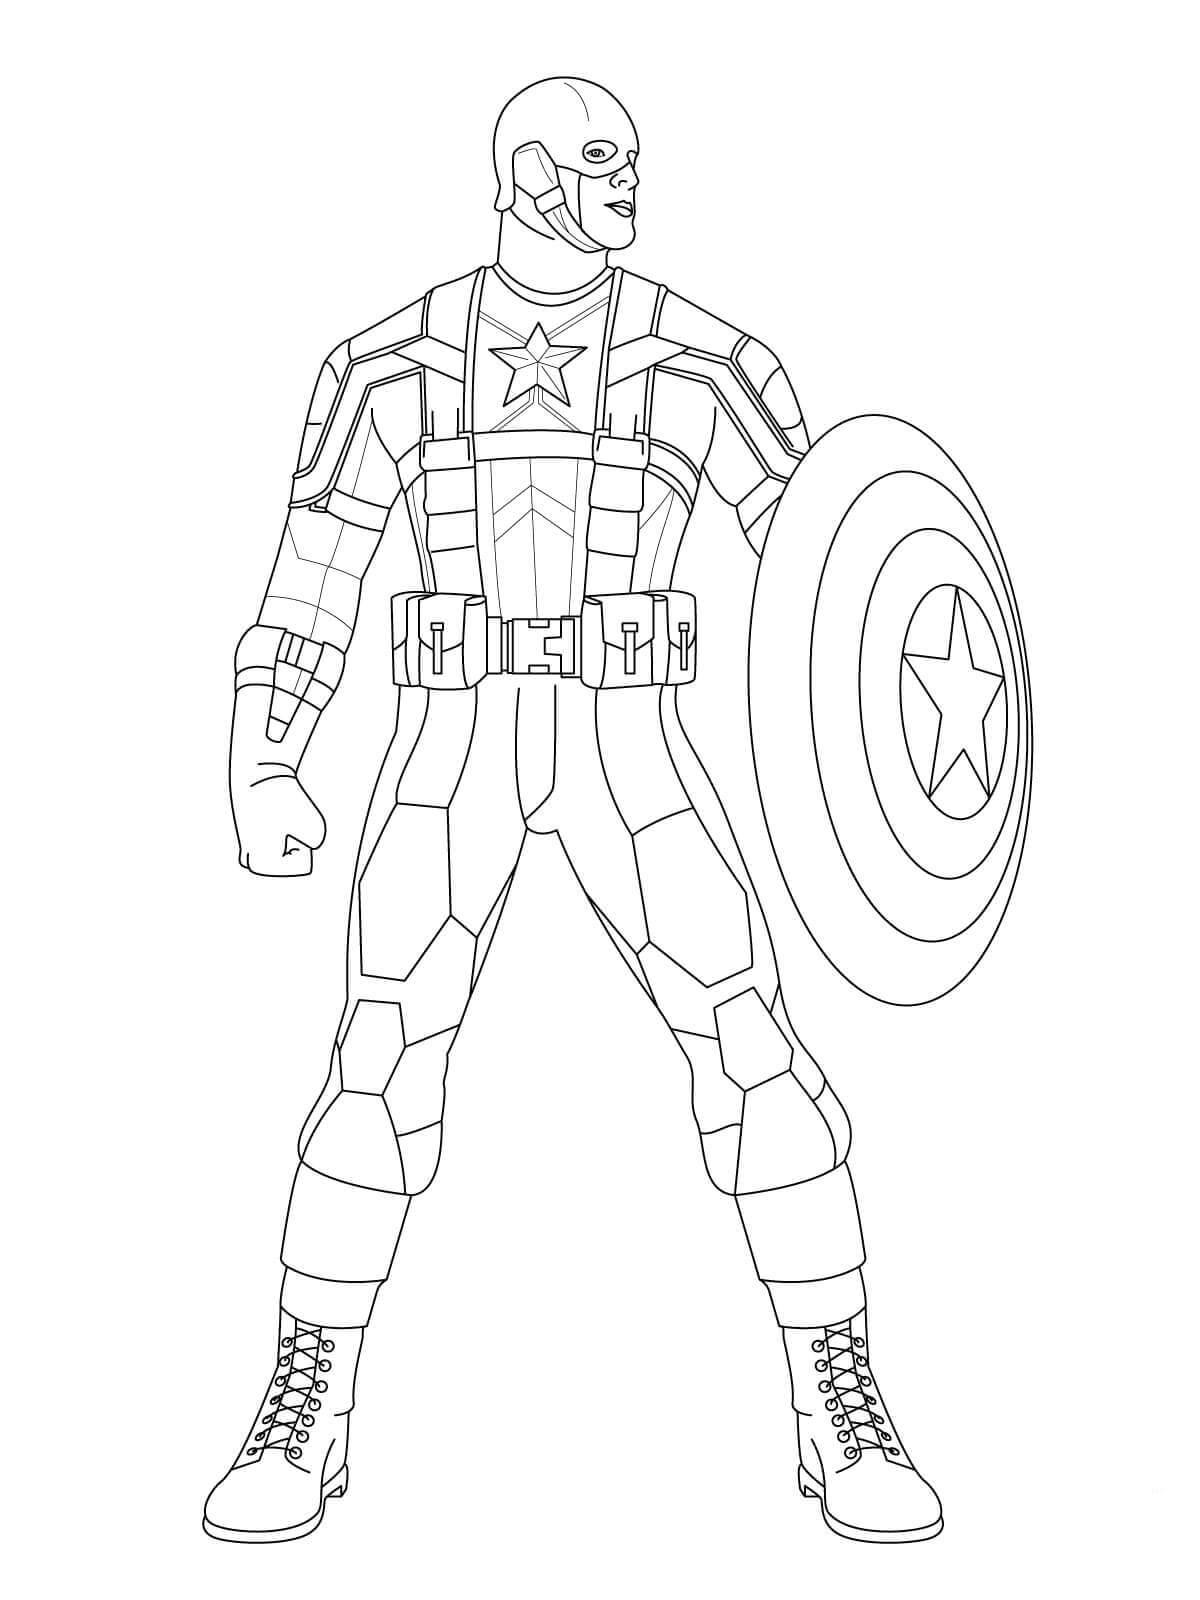 Captain Underpants Coloring Pages